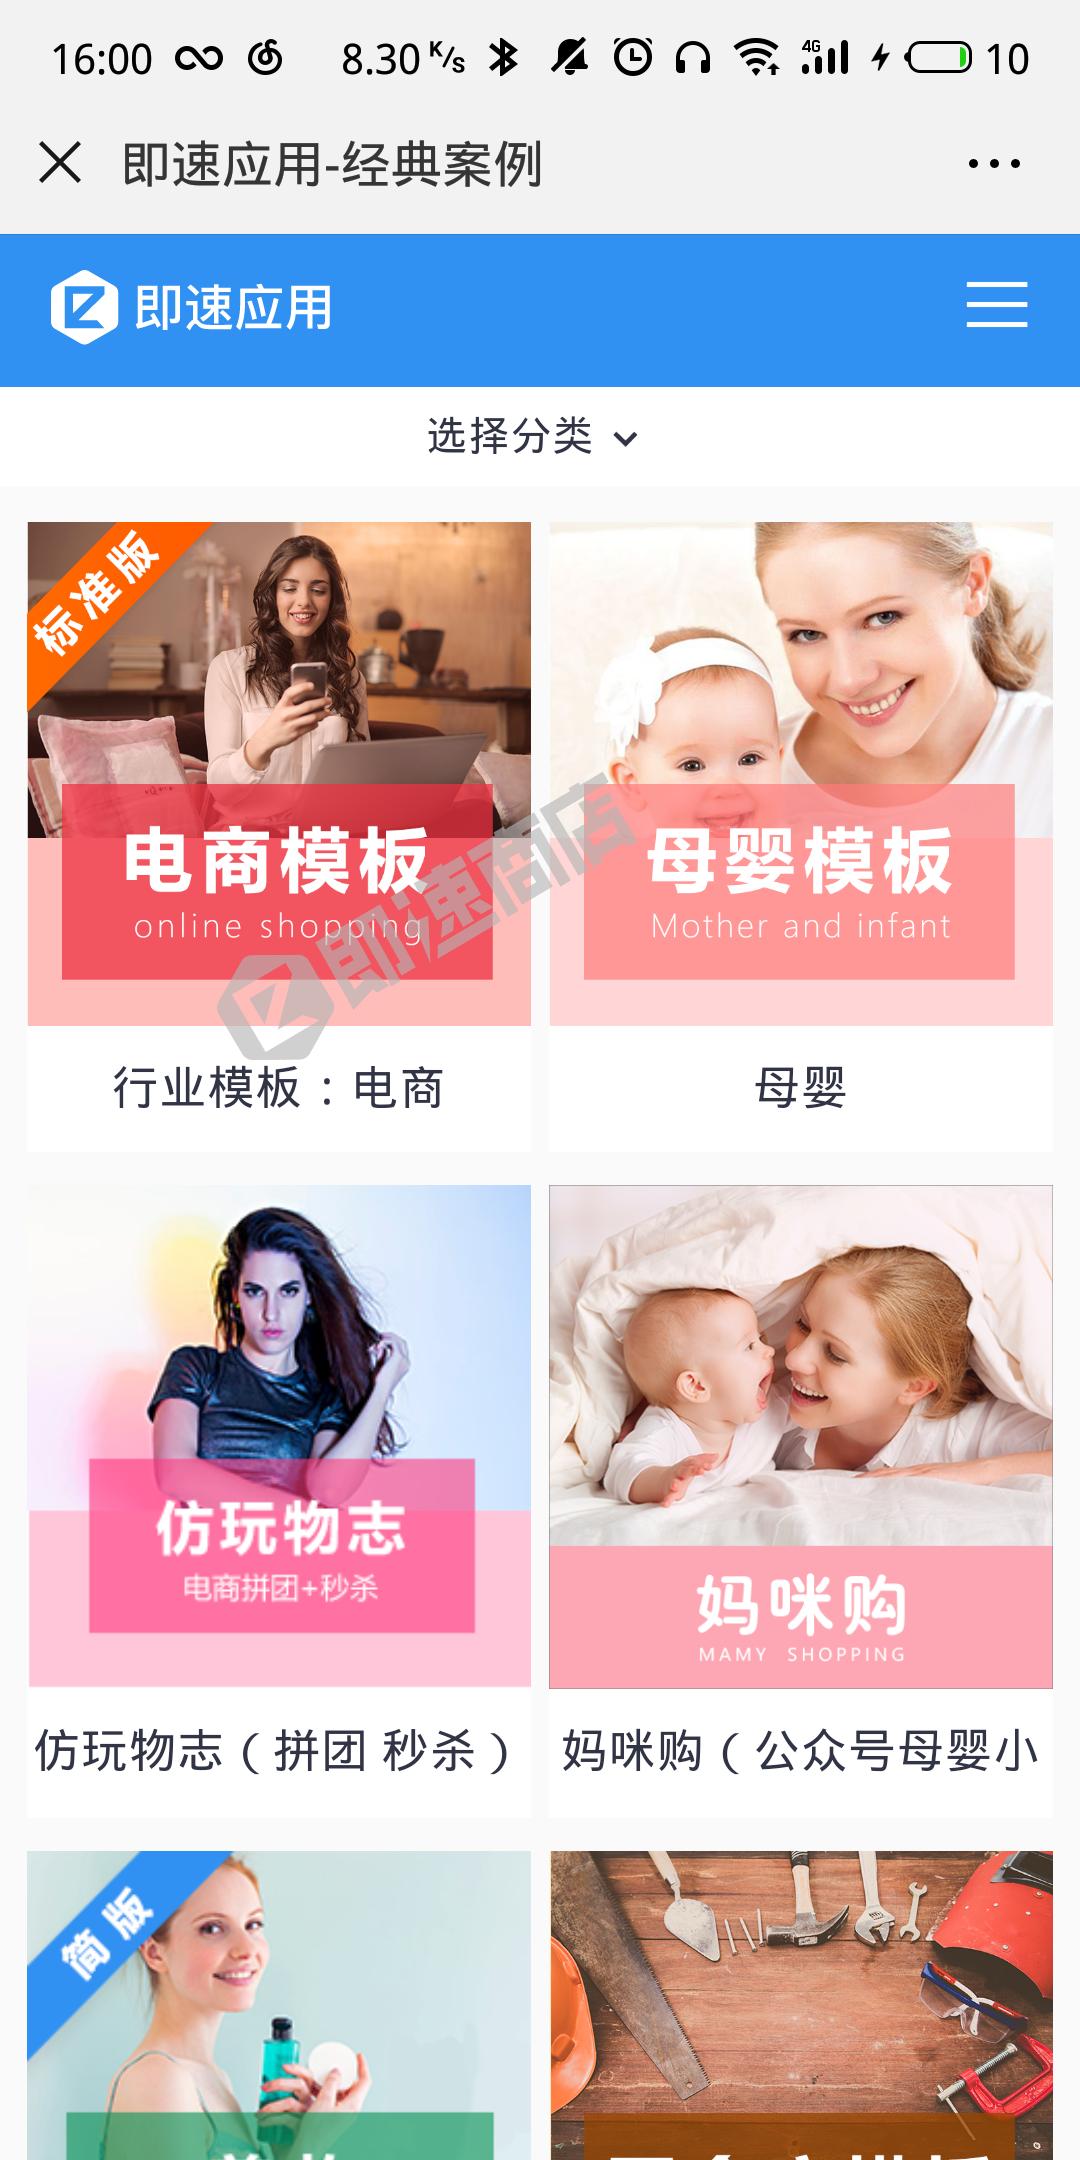 广州幼儿中心小程序列表页截图